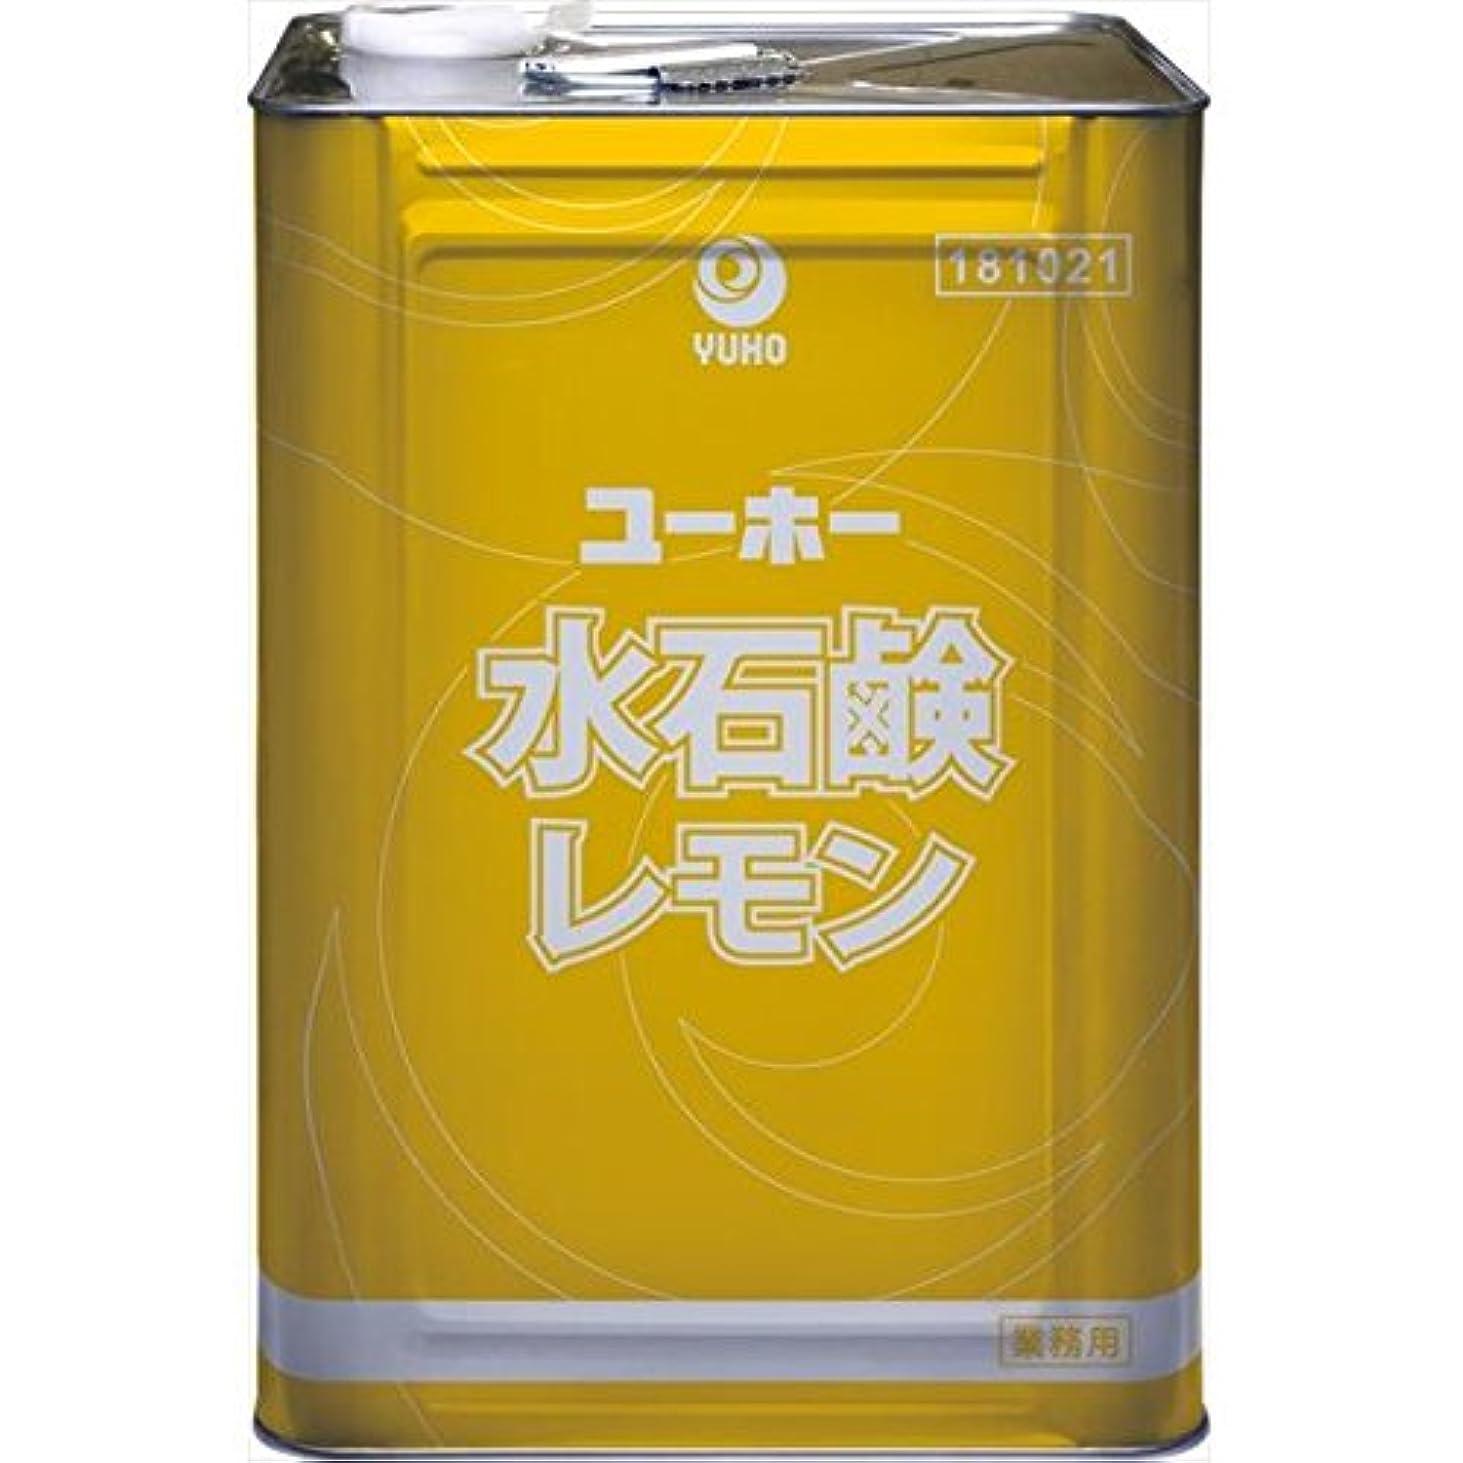 ペイン痛みクラックポットユーホーニイタカ:水石鹸レモン 18L 181021